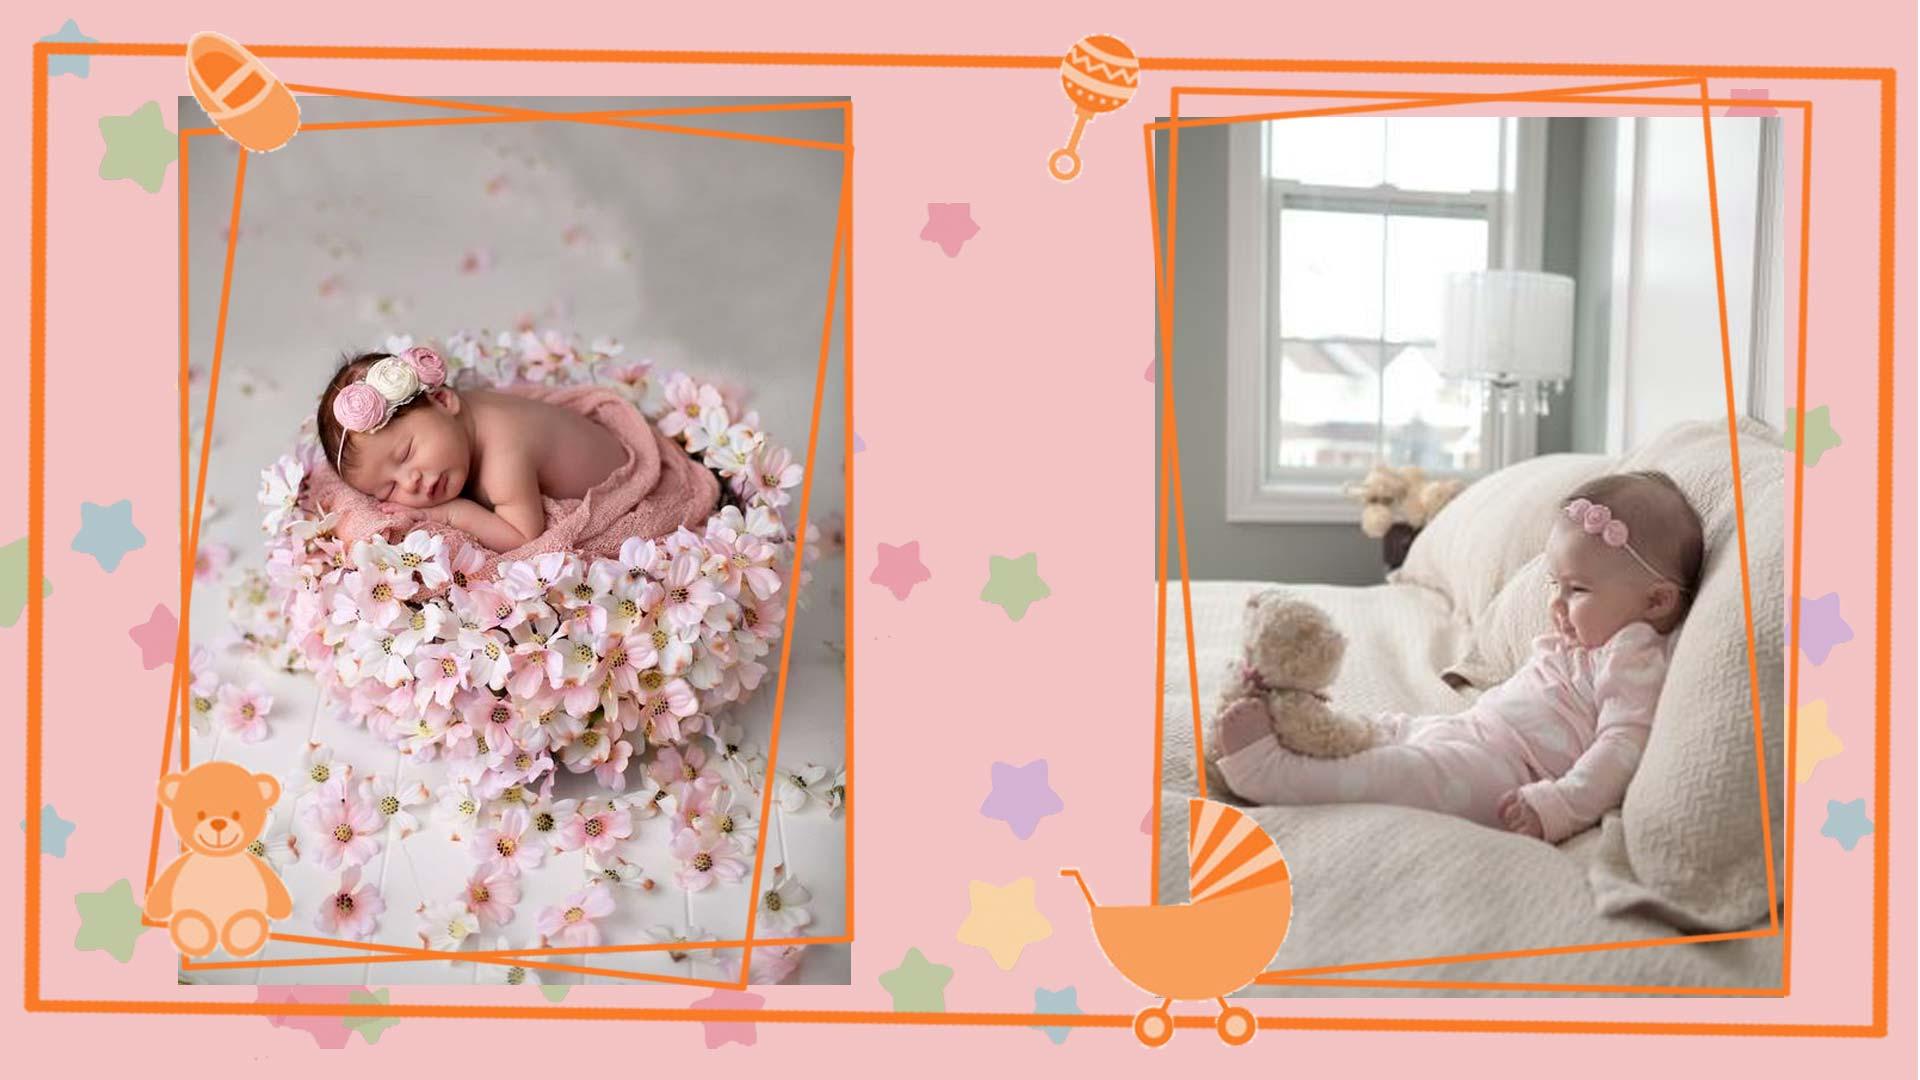 baby photography11 1 - نکات عکاسی از کودک و نوزاد